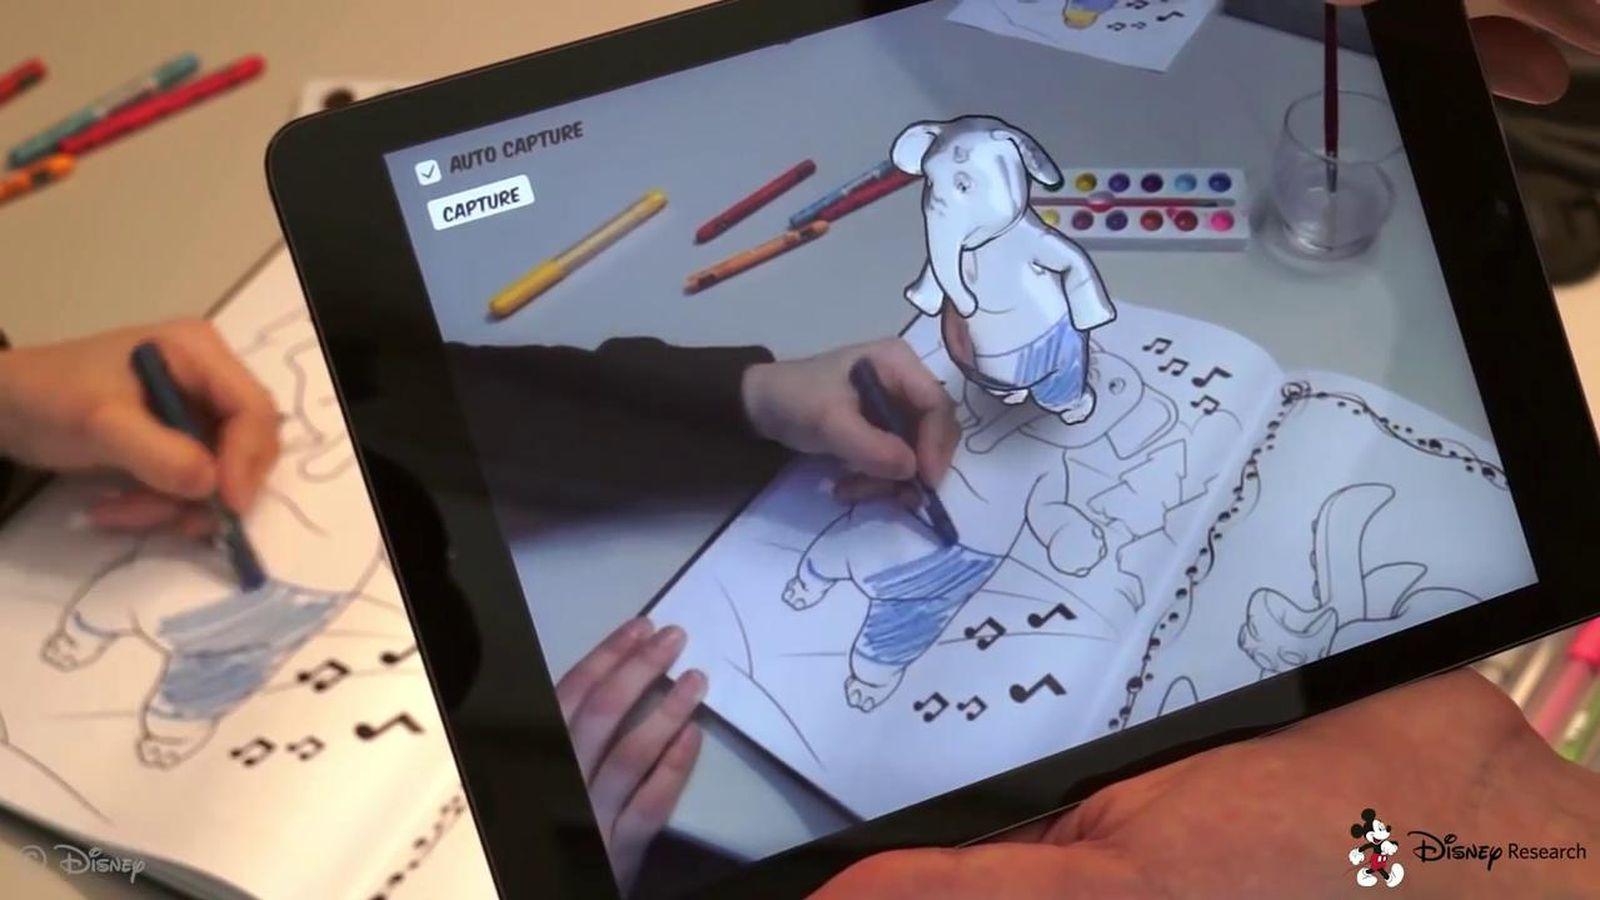 Disney reinventa los libros de dibujo con realidad aumentada